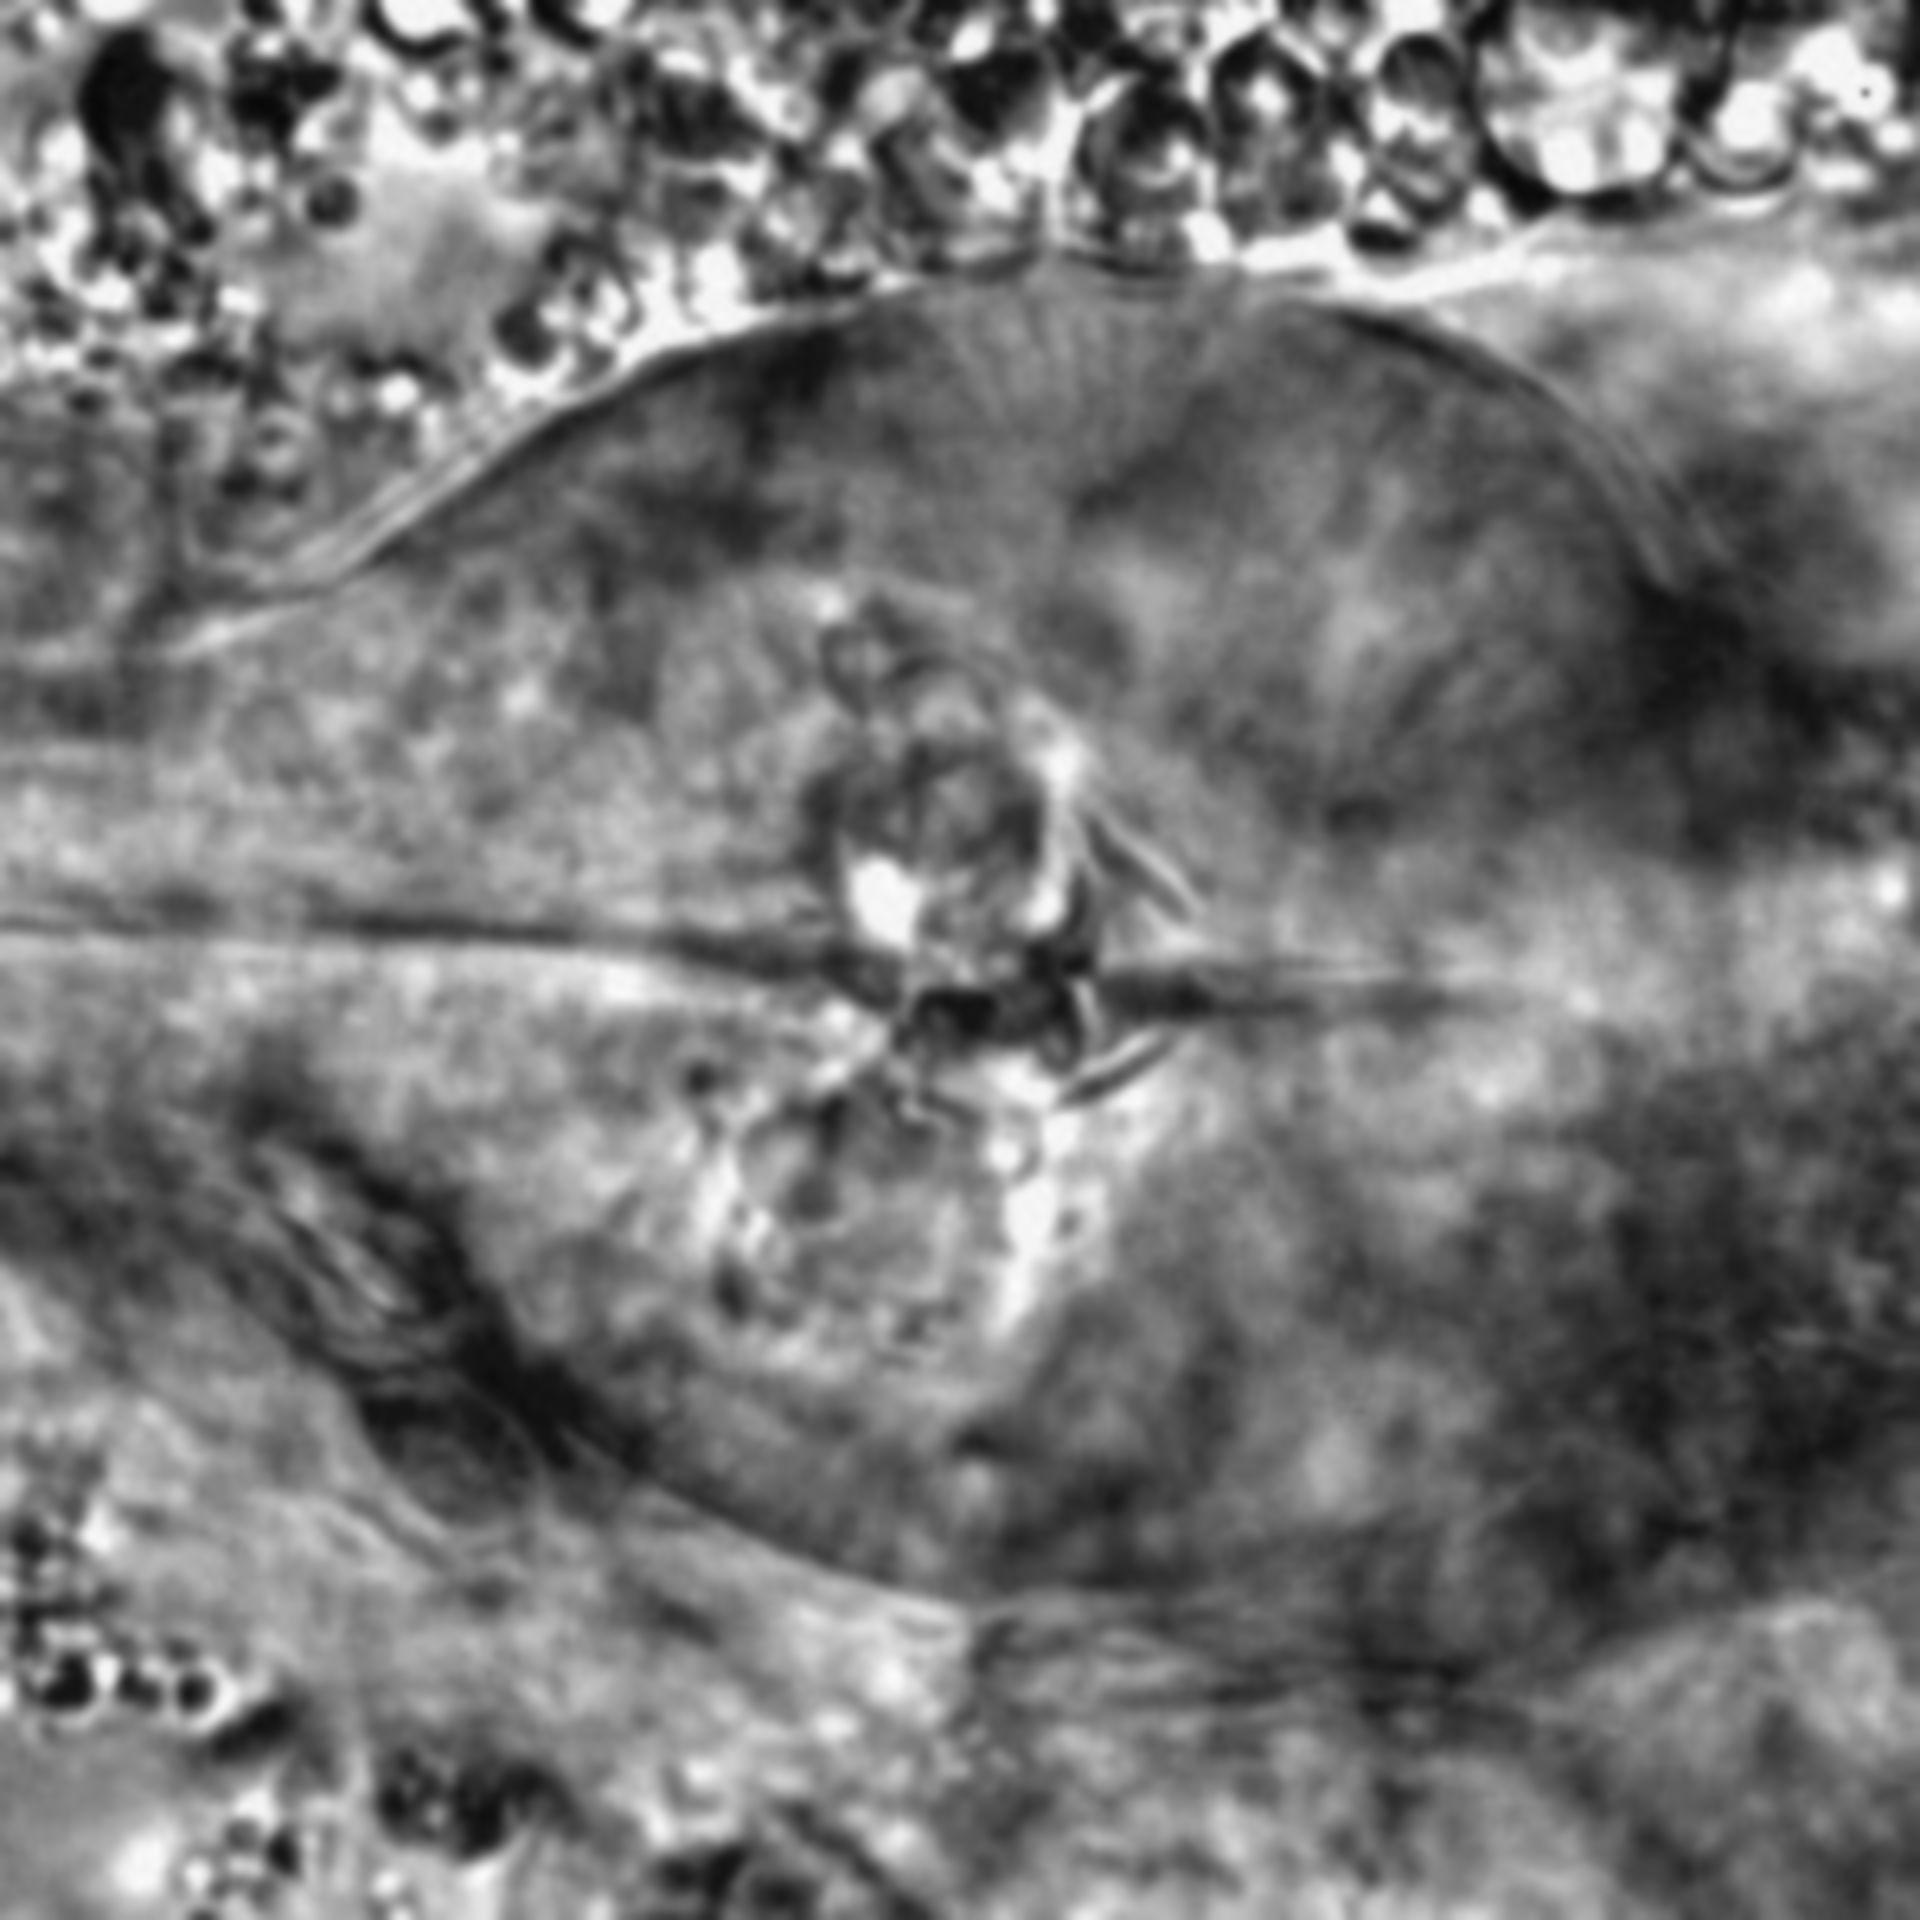 Caenorhabditis elegans - CIL:1935